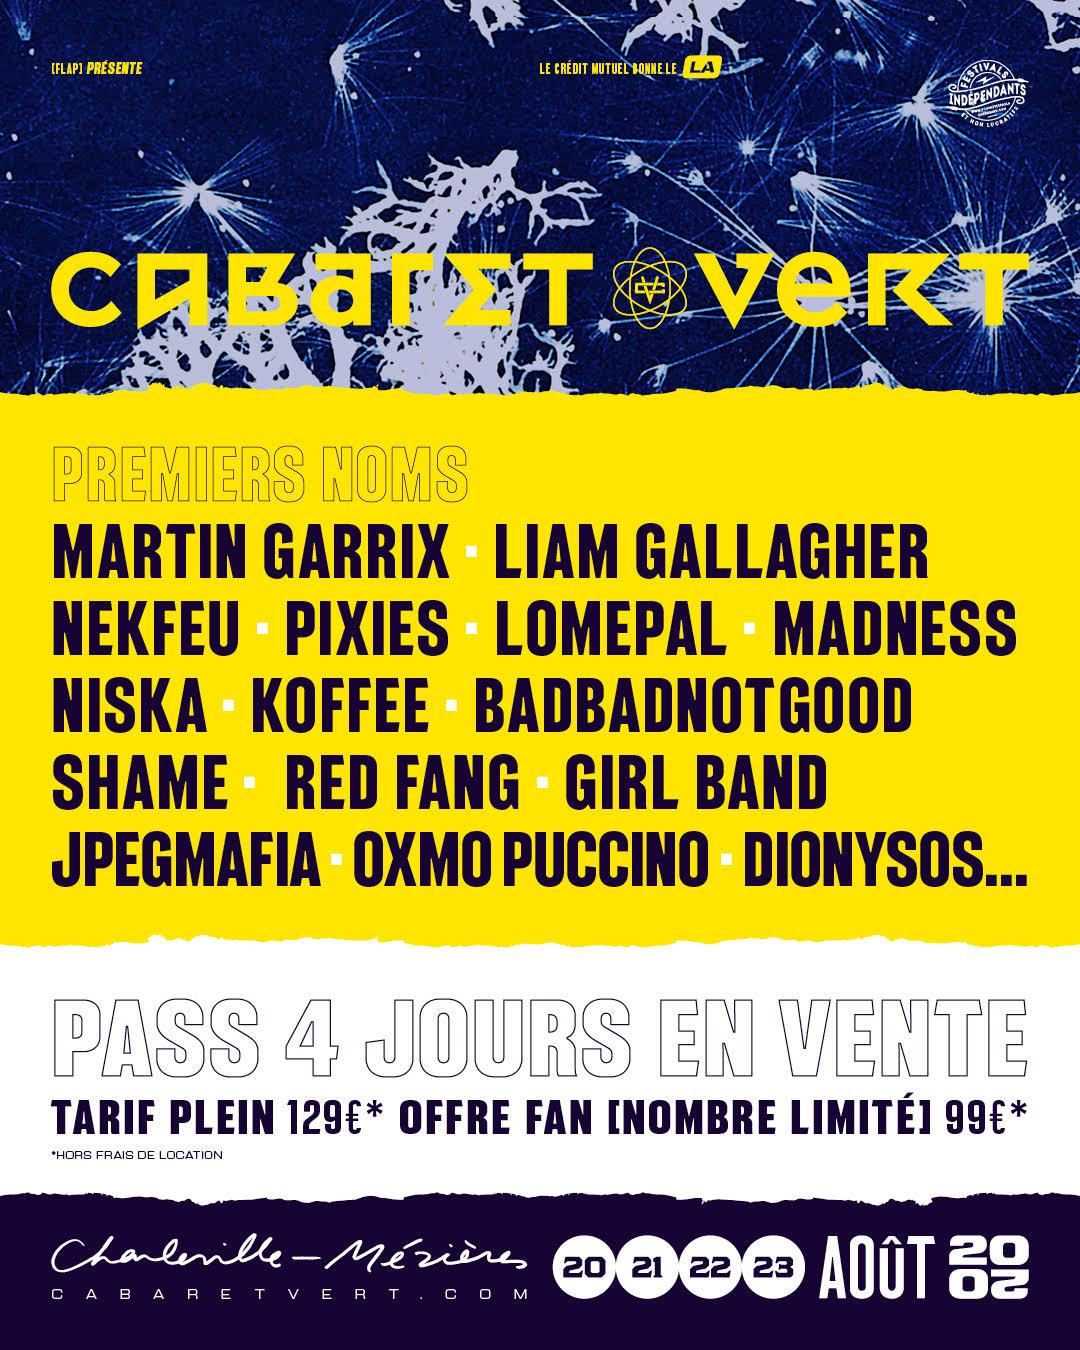 Les 16 premiers noms de l'édition 2020 du Cabaret Vert